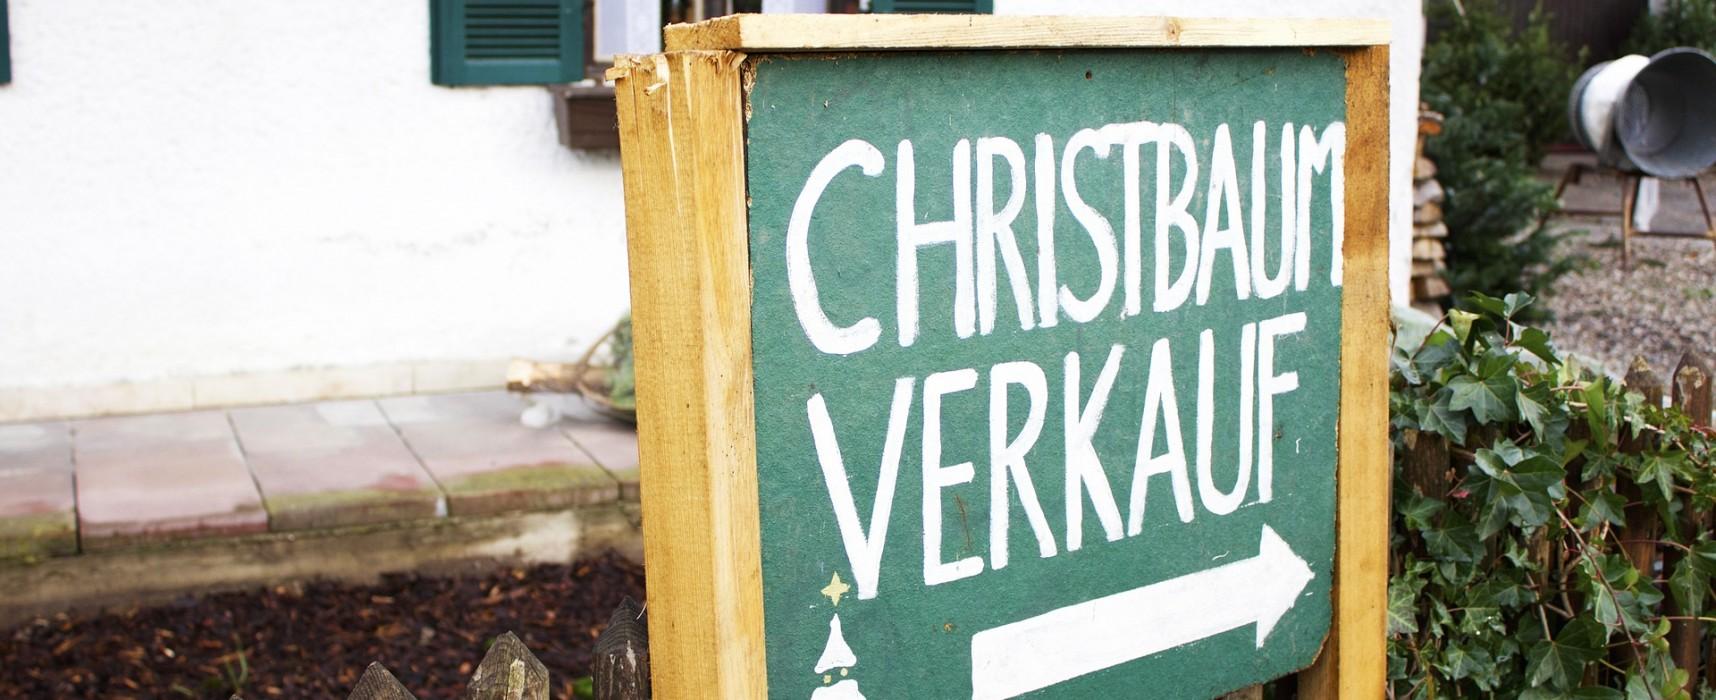 Weihnachten naht